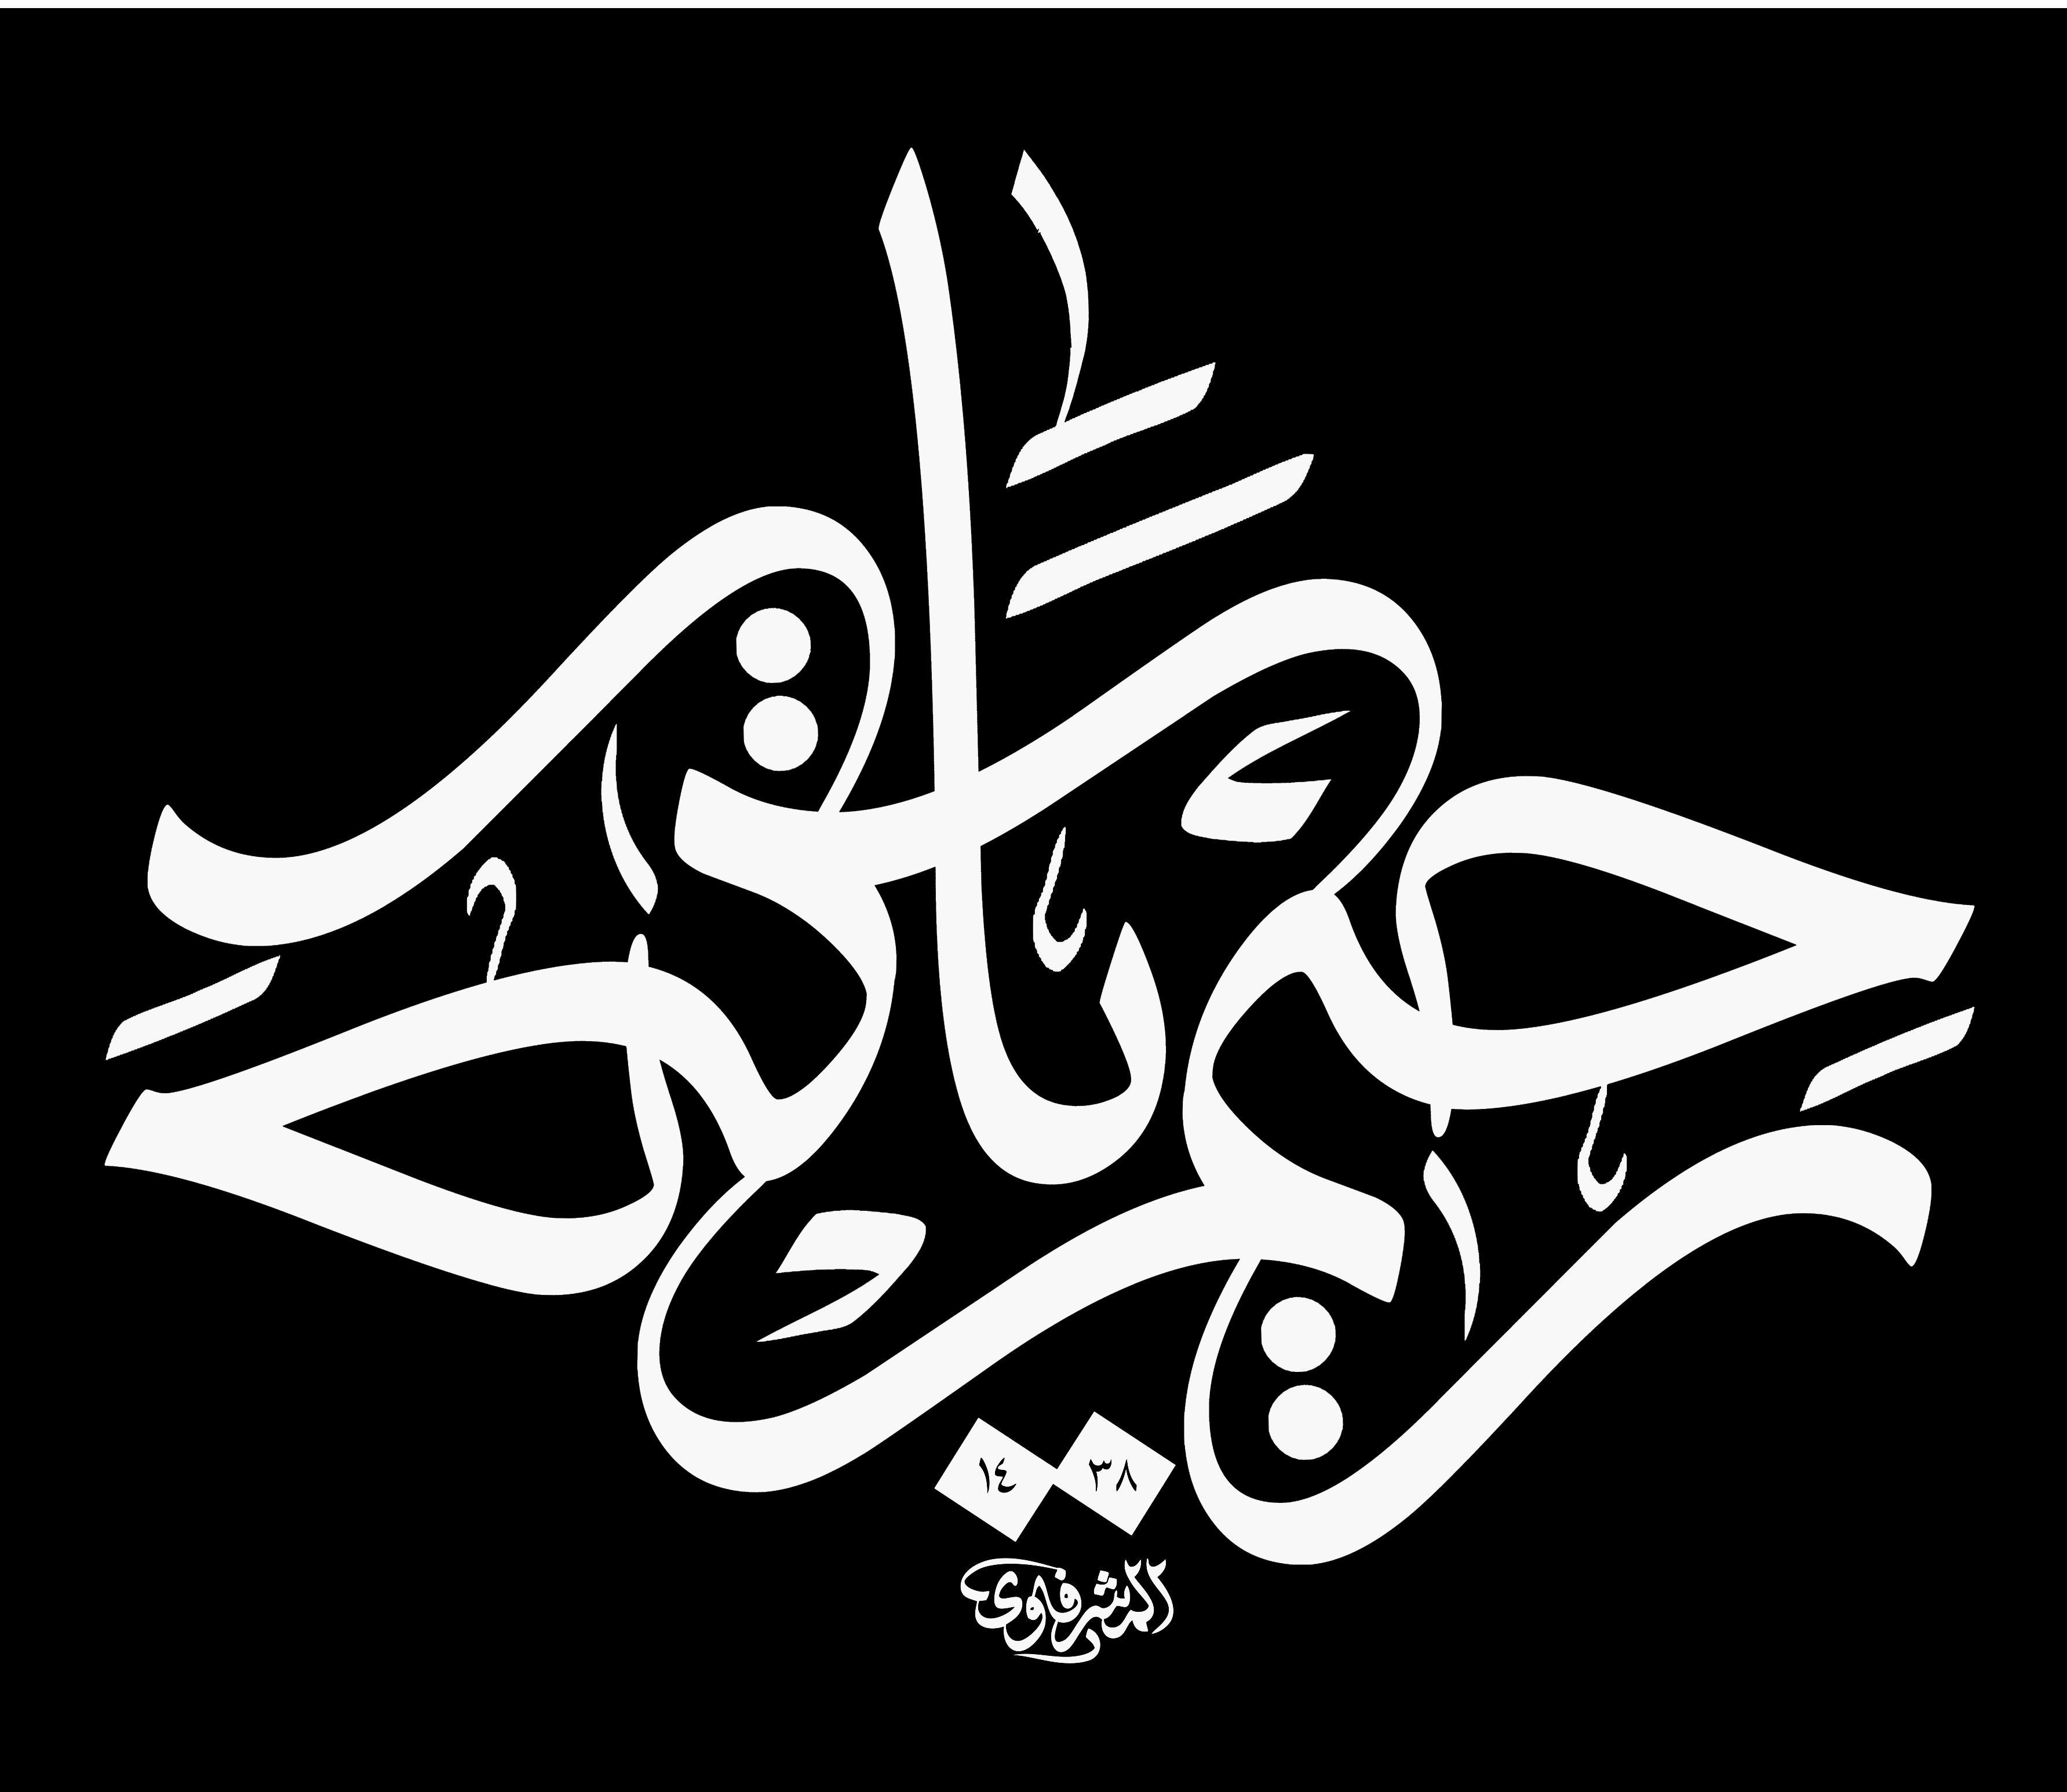 اسم الله يارحيم جل جلاله الخطاط محمد الحسني المشرفاوي Hat Sanati Sanat